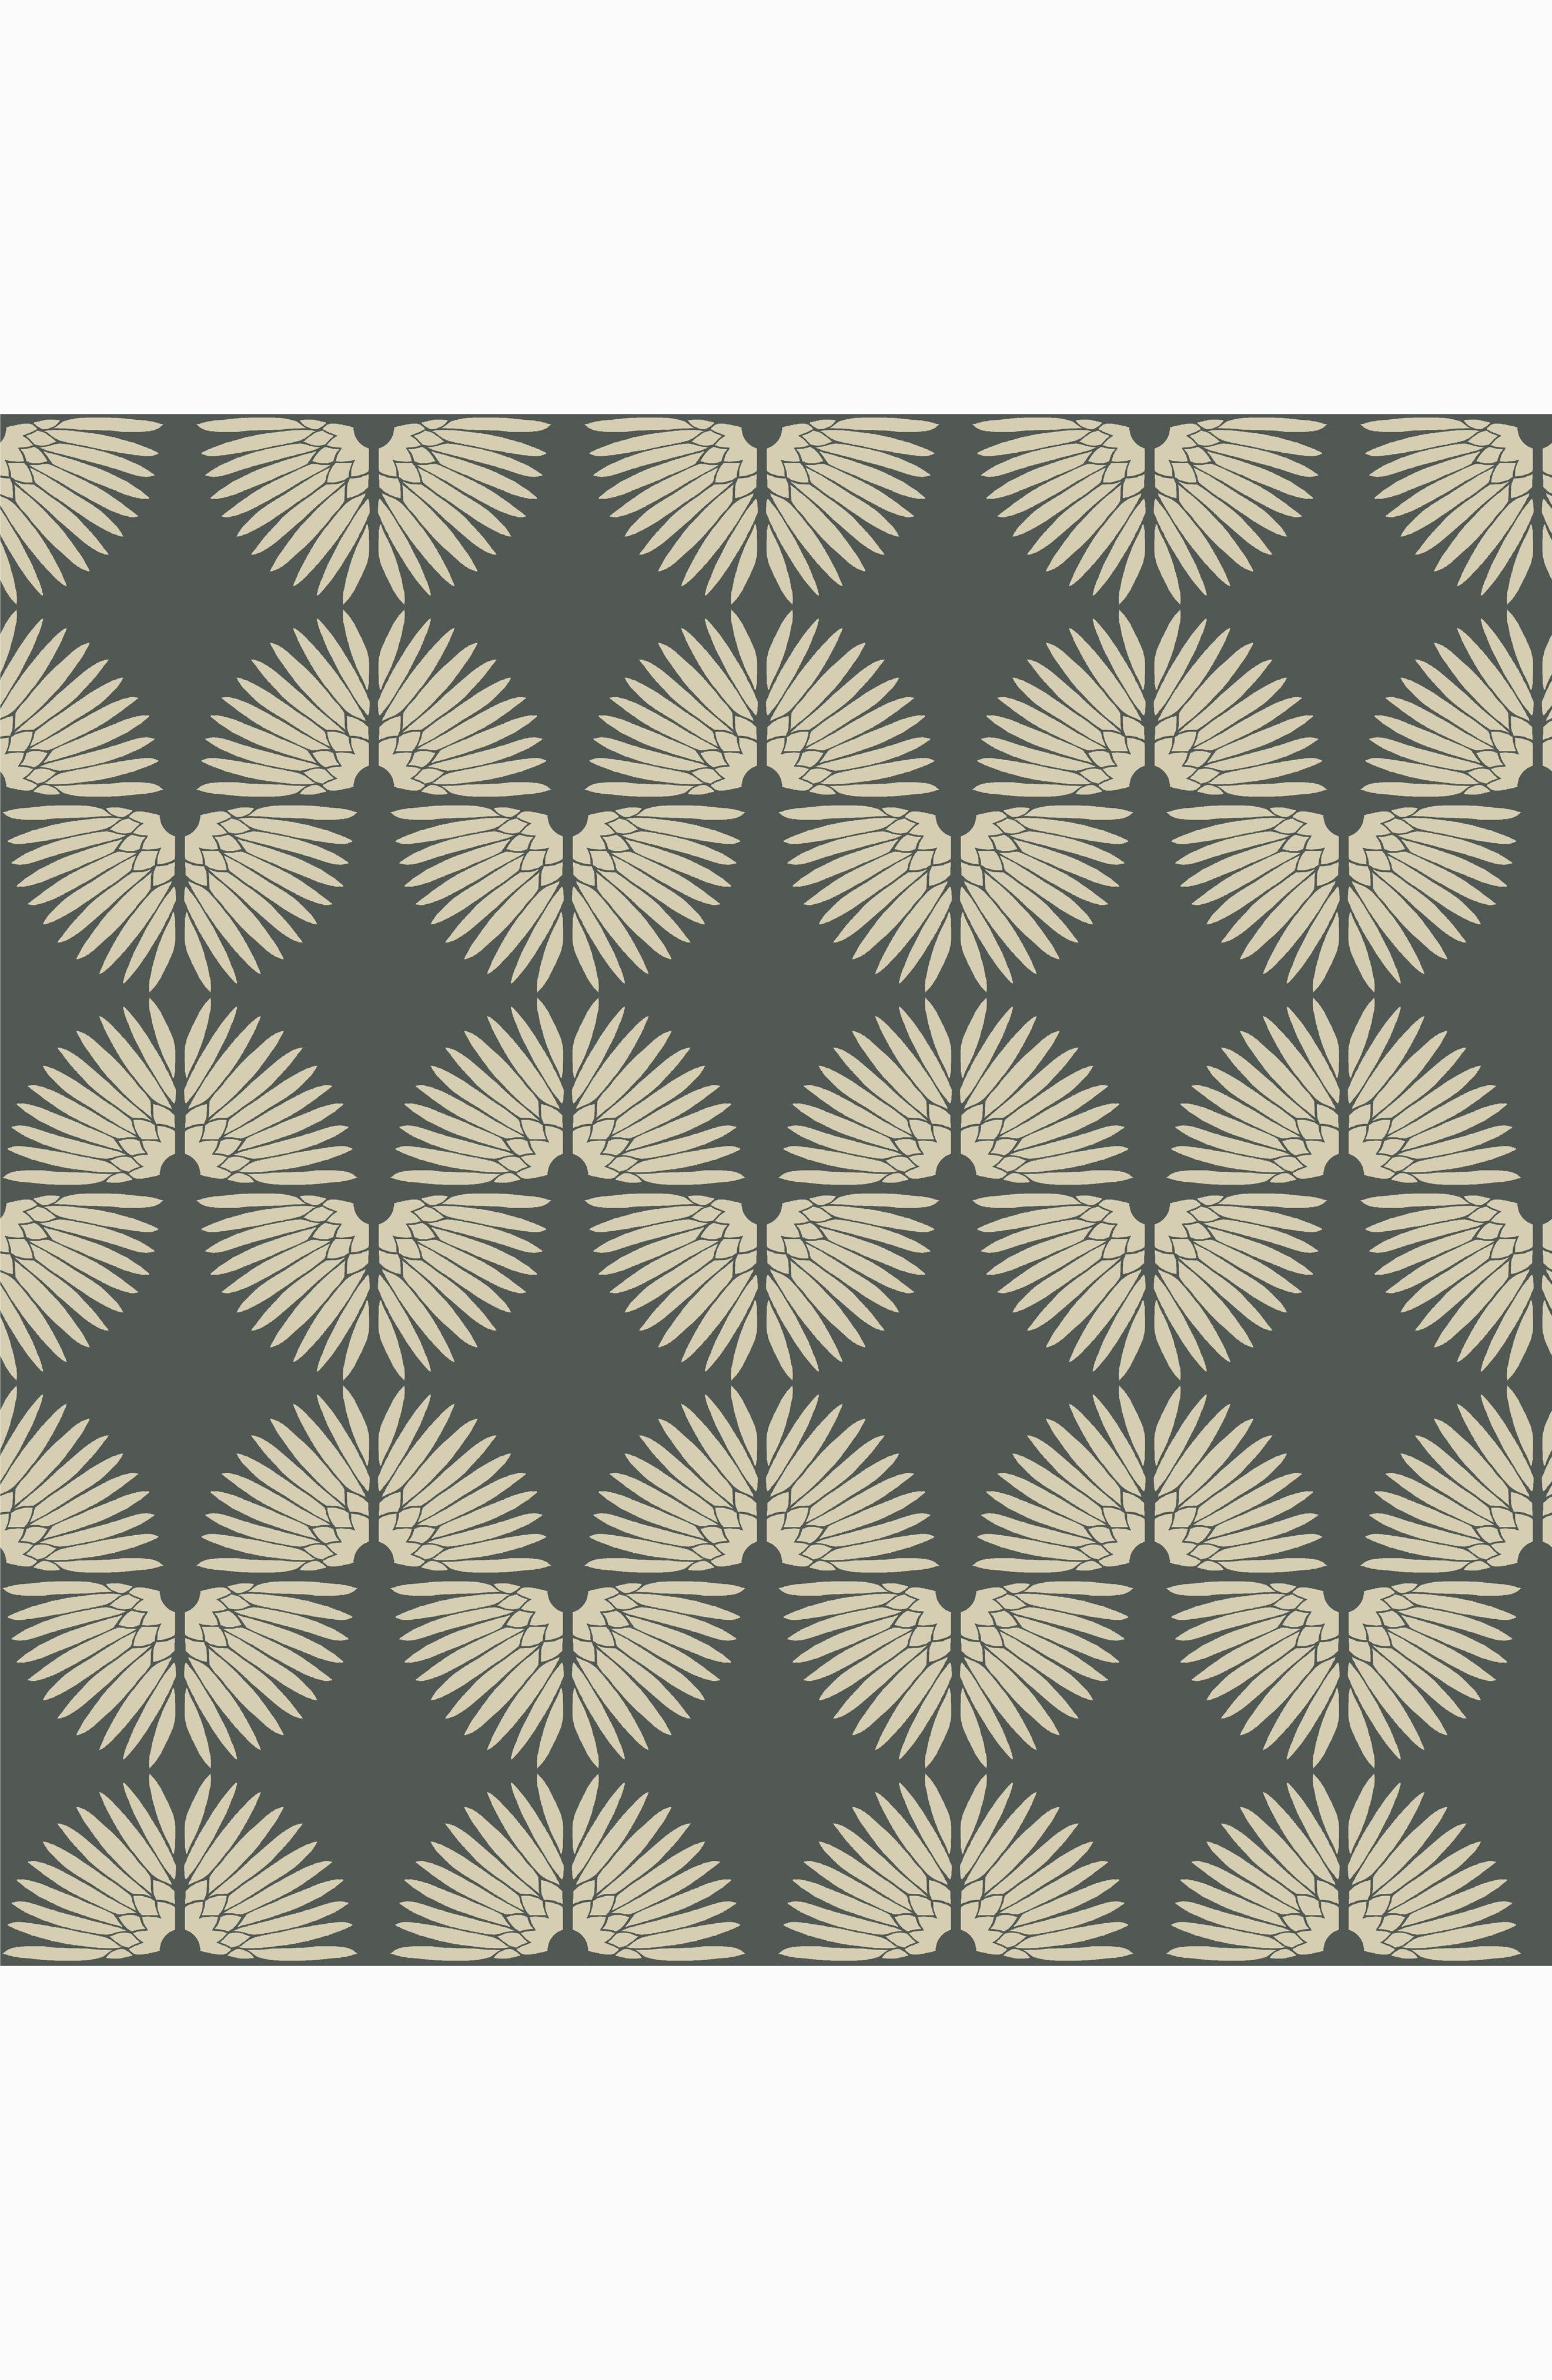 Urban Caterpillar Self-Adhesive Vinyl Wallpaper,                         Main,                         color, Angel White